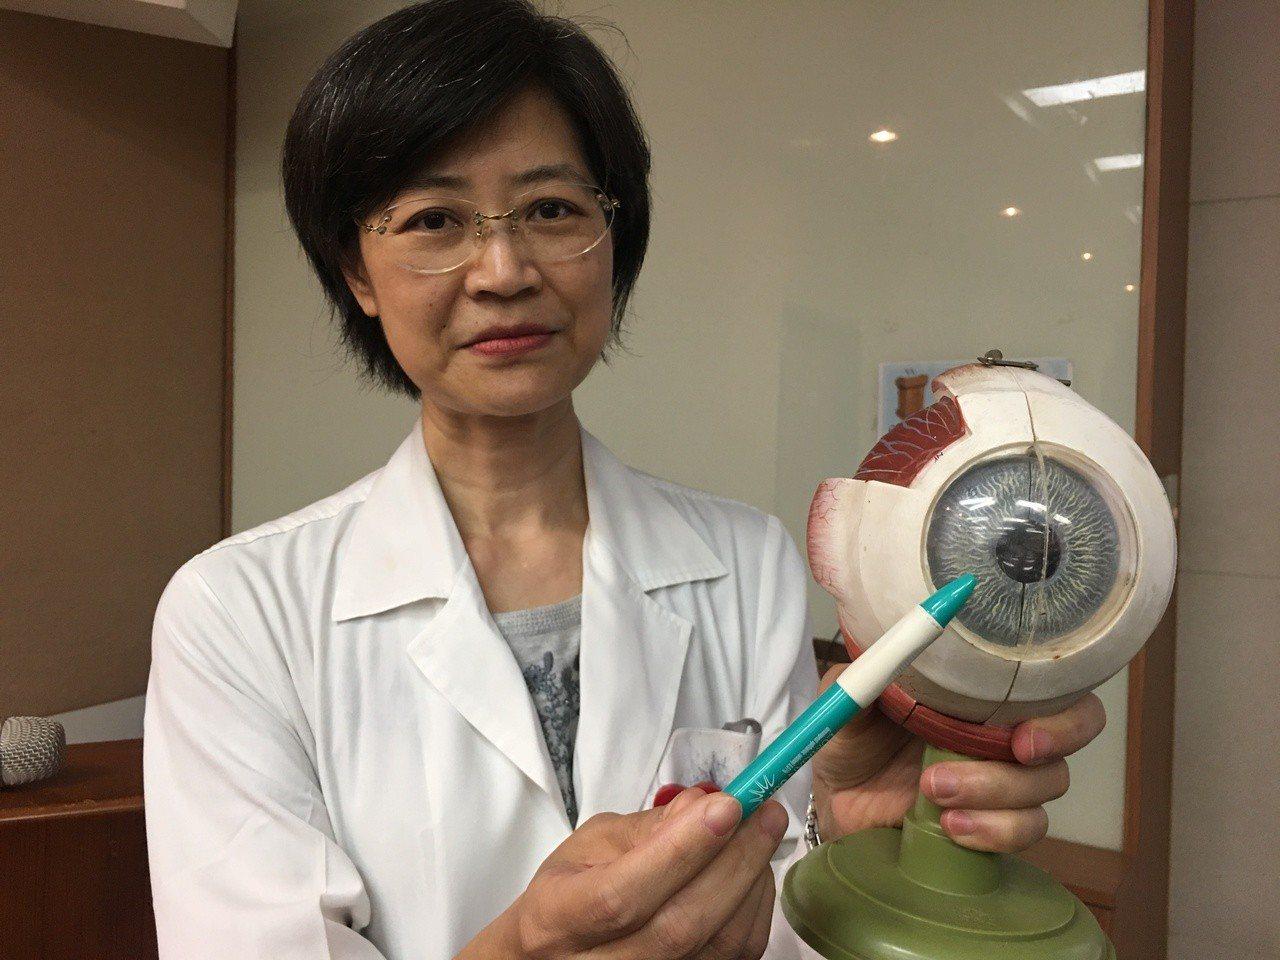 北榮眼科醫師林佩玉表示,眼睛的內皮細胞功能是排水,當出了問題就會使角膜水腫,讓患...